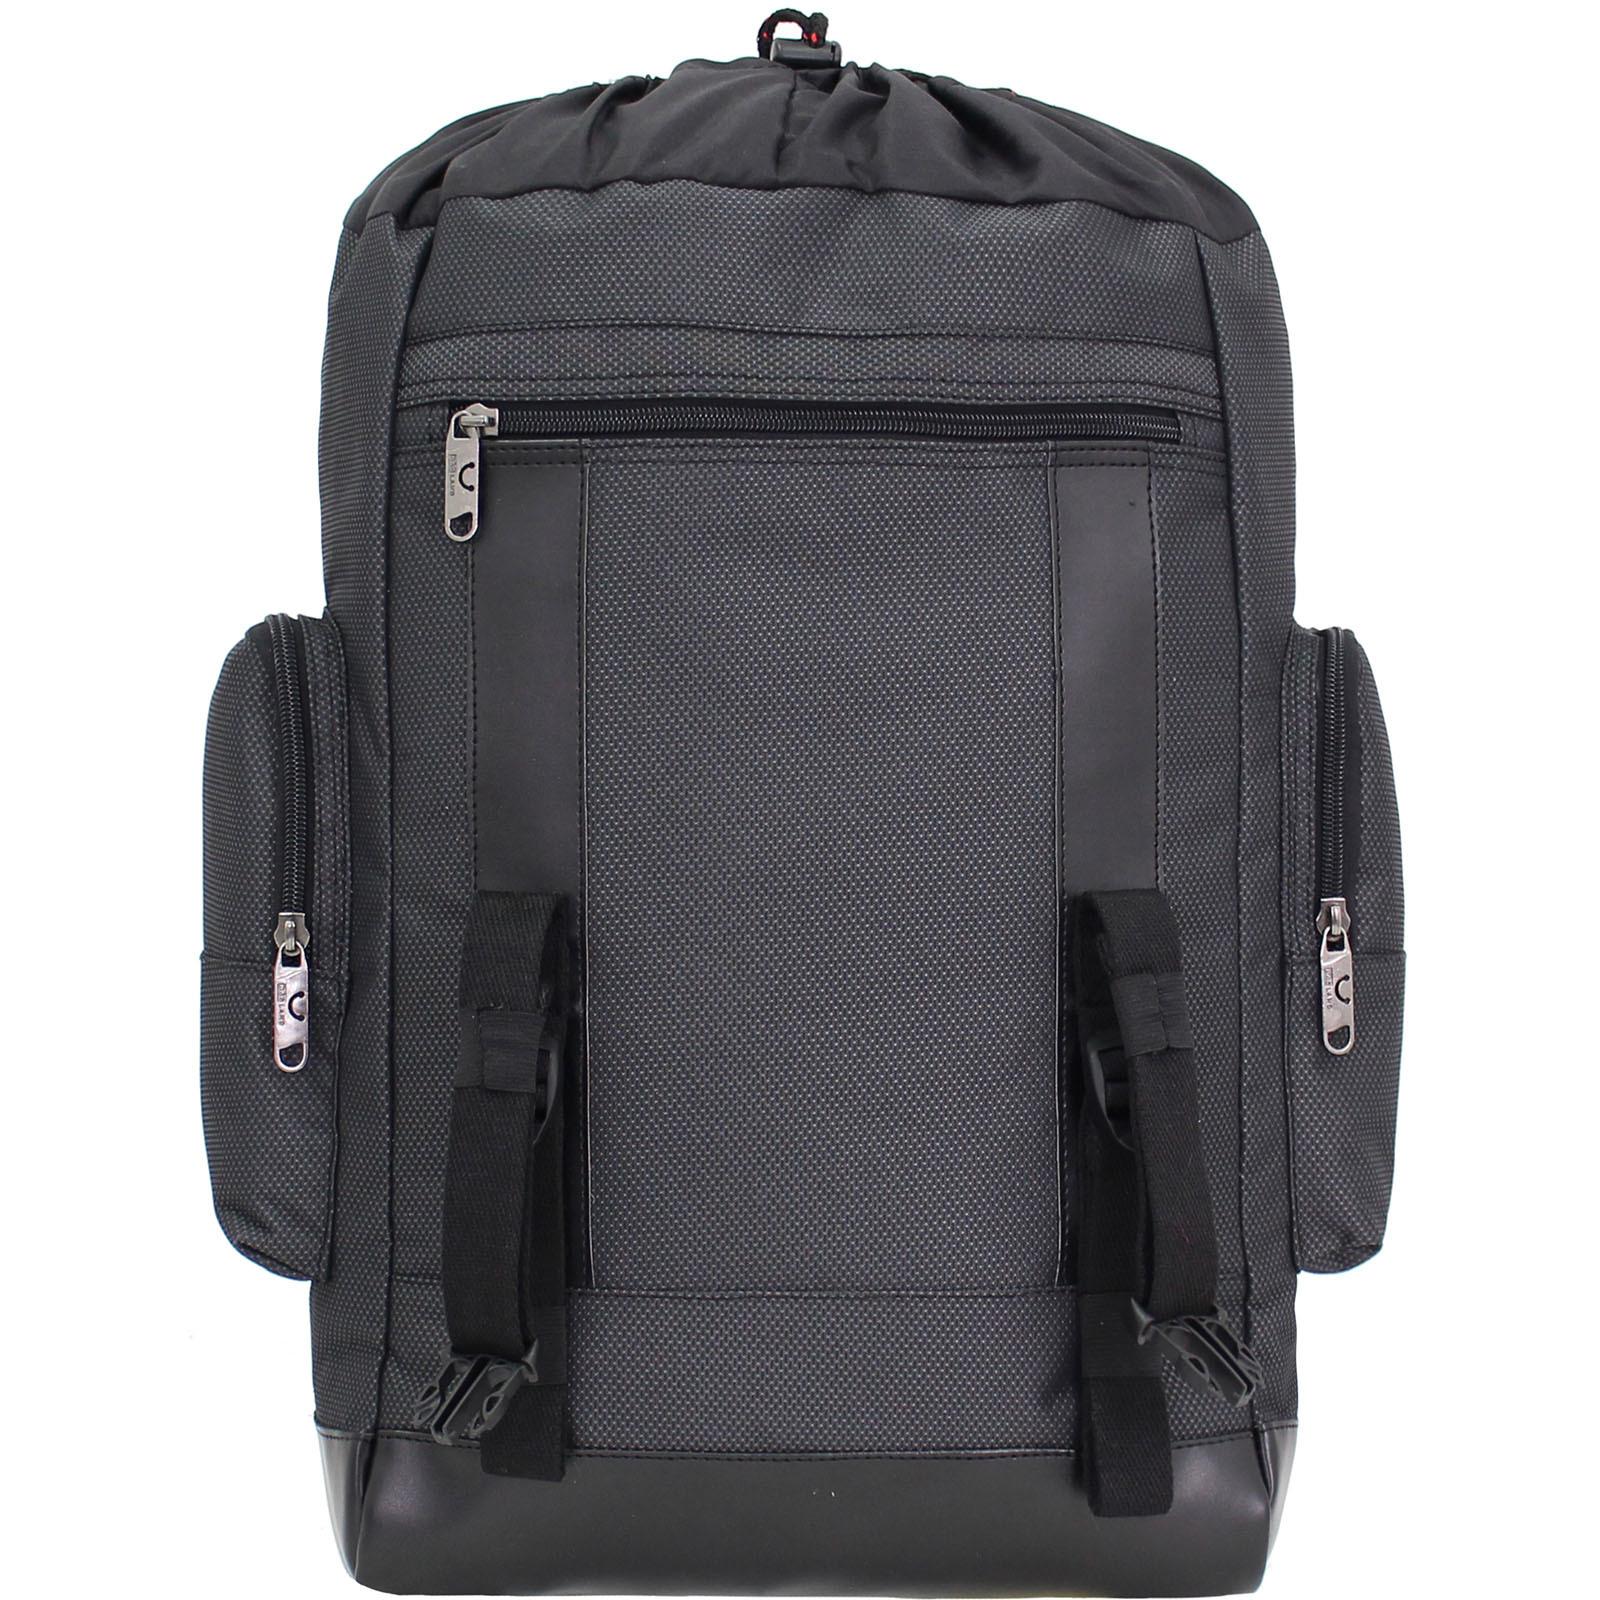 Рюкзак для ноутбука Bagland Palermo 25 л. Чёрный (00179169) фото 4